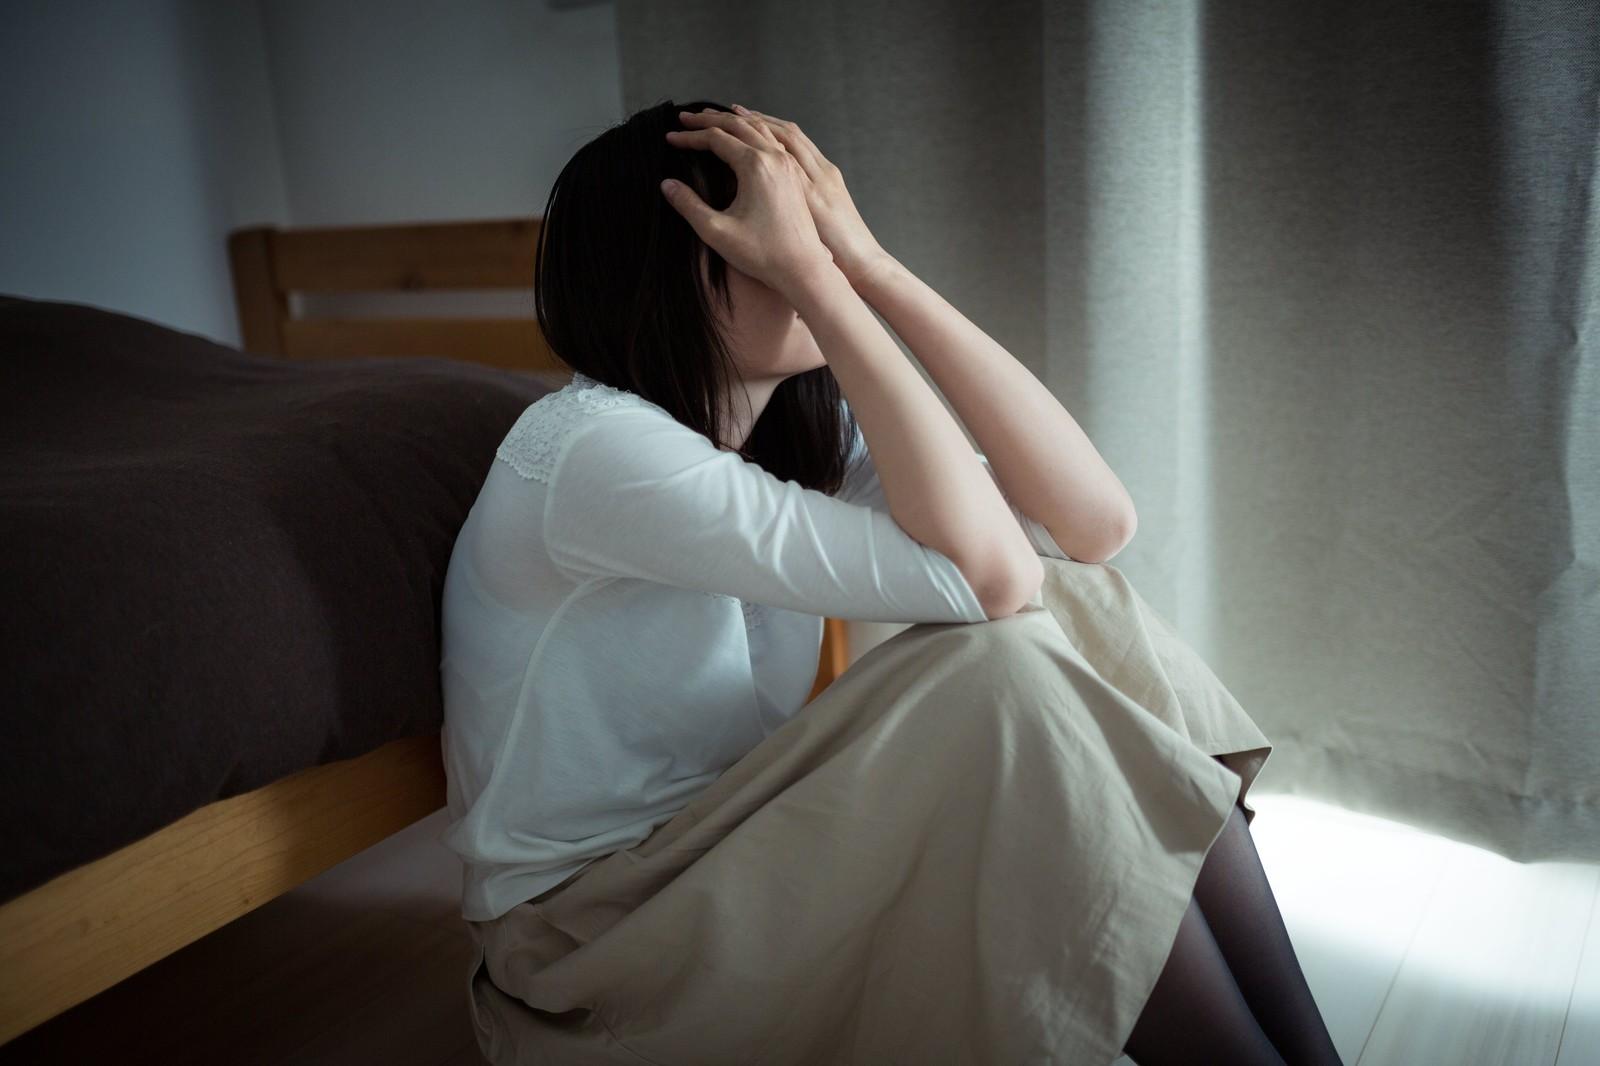 滋賀心理カウンセリングで性やセックス、発達障害やADHD。大垣や各務原、名古屋市から-12